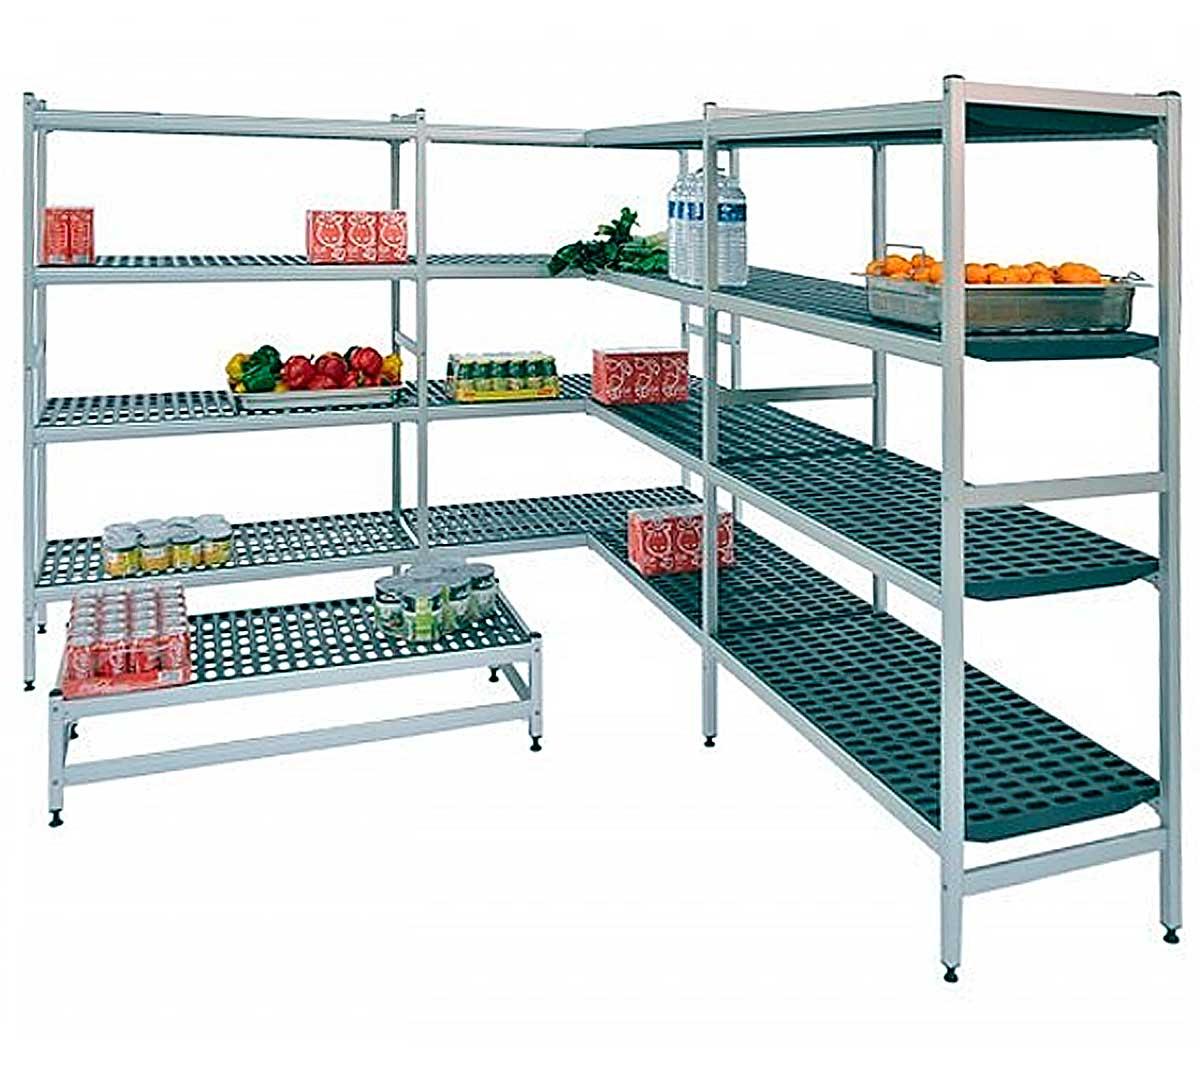 Estanter a distform modular aluminio - Estanterias para cocina ...